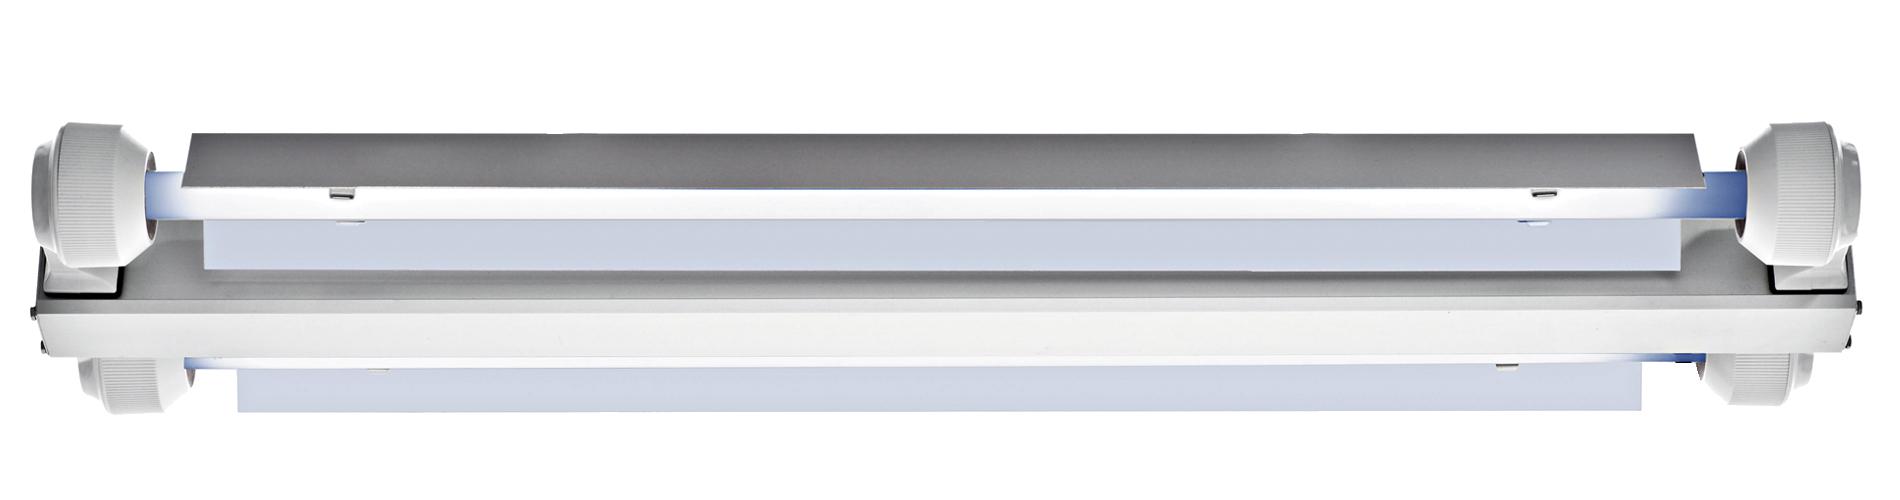 Giesemann RAZOR T5 Leuchtbalken inkl. Reflektor 2 x 39 W